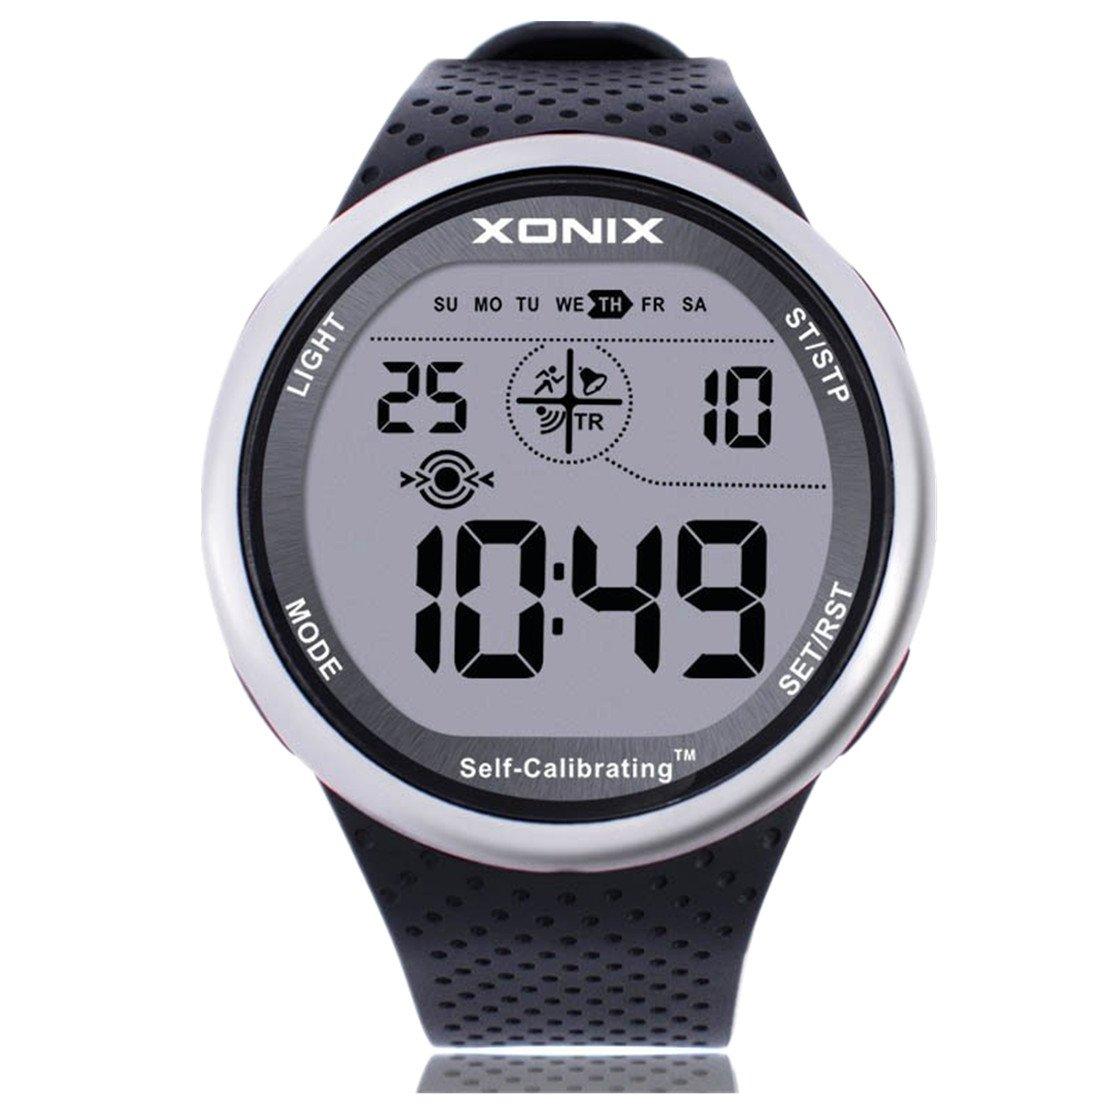 Para la práctica de deportes reloj digital autoadhesivo calibrarse wr100 m multifuncional exterior reloj de pulsera: Amazon.es: Relojes